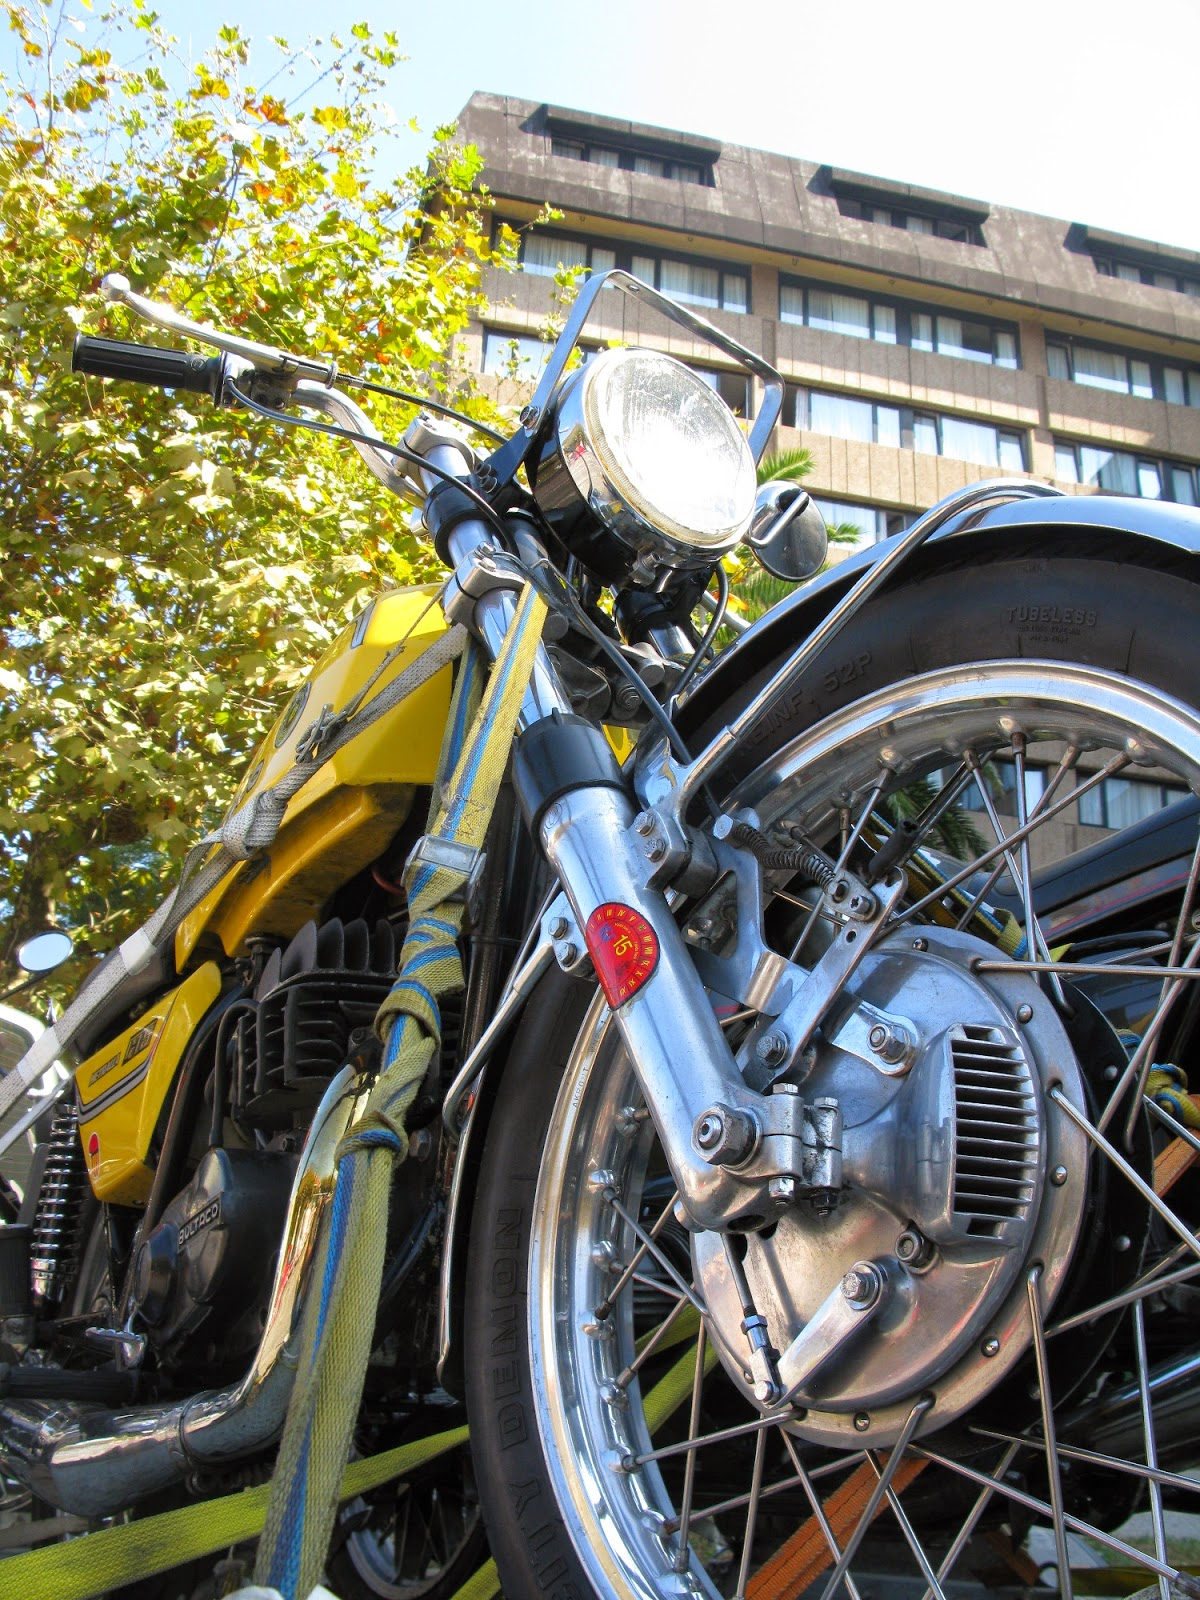 bultaco metralla  santander moto piston rally spain